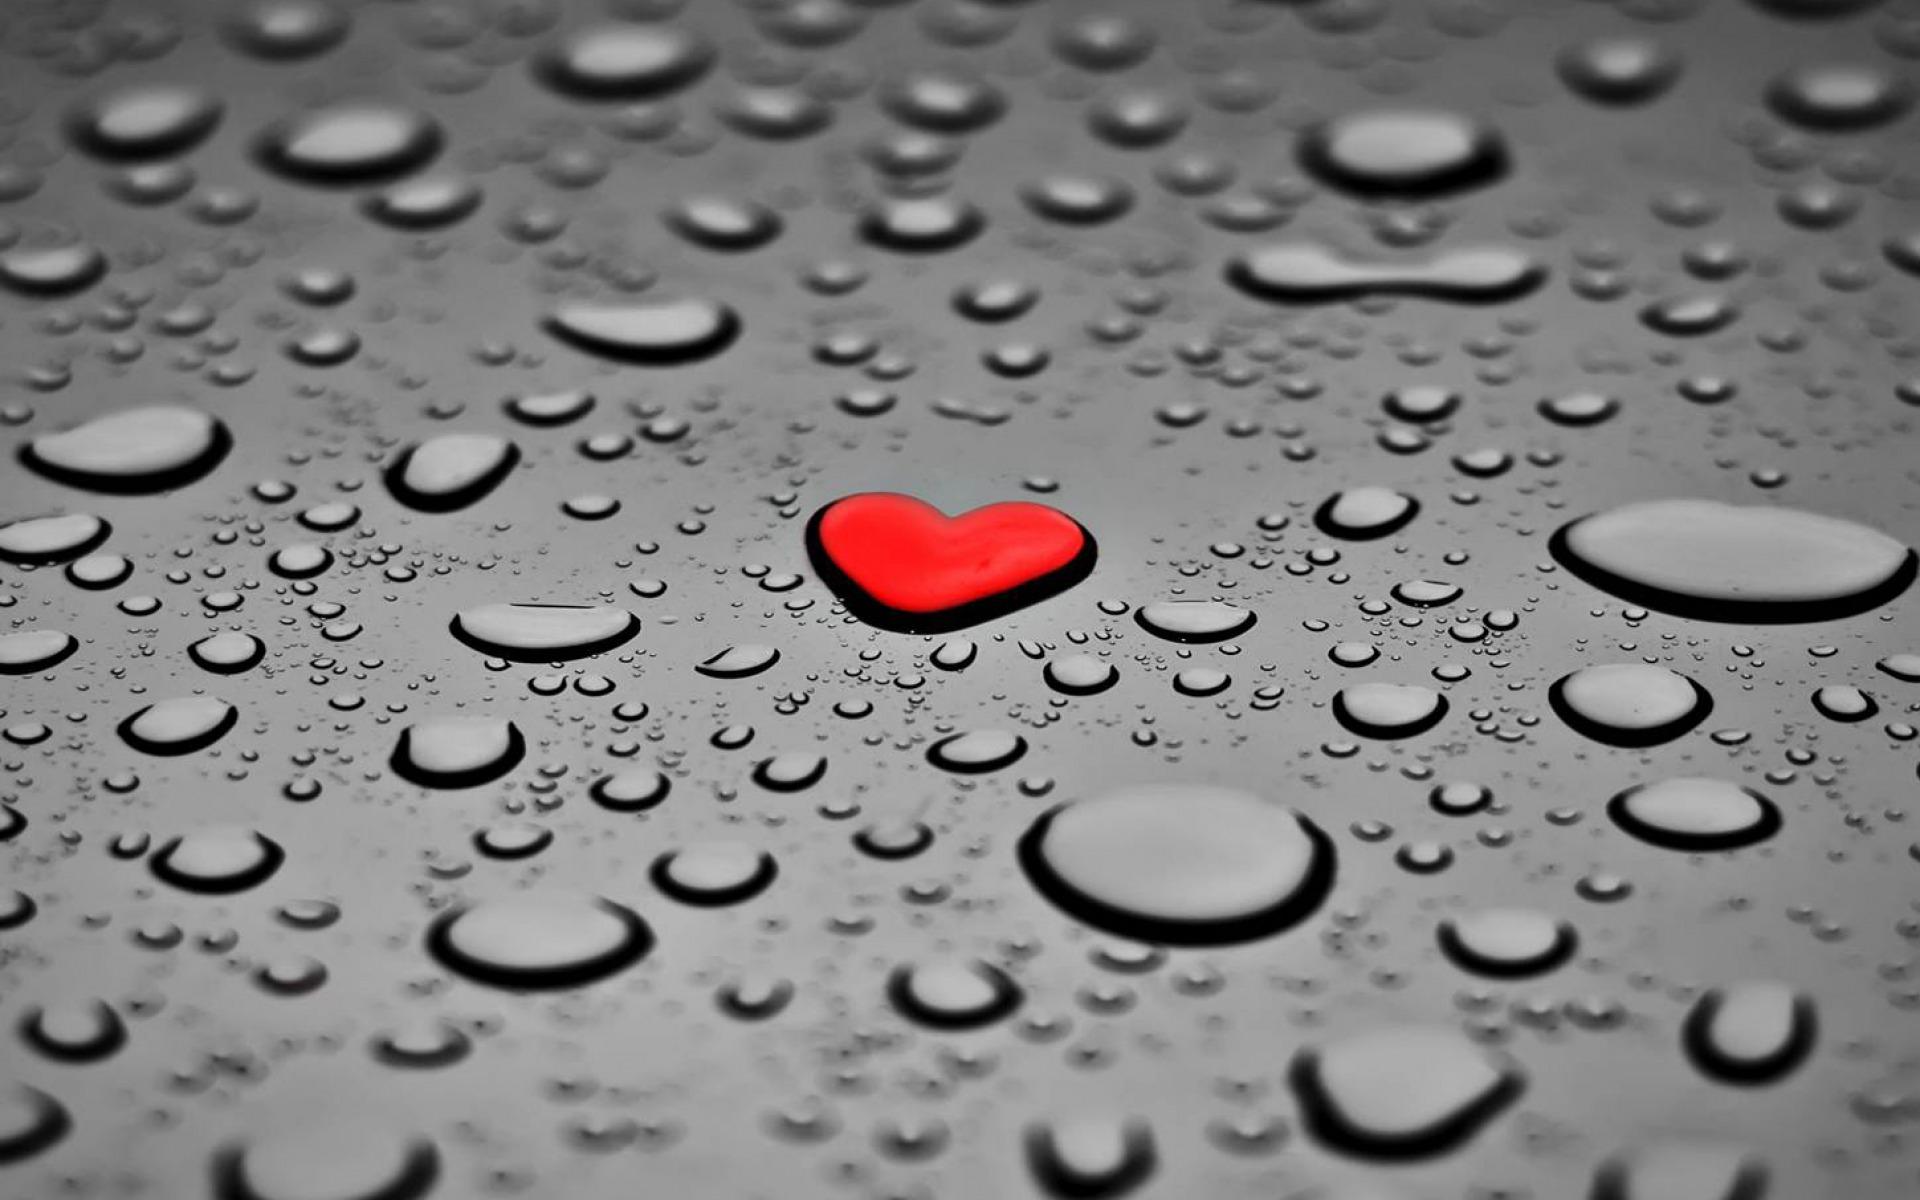 خلفيات كمبيوتر رومانسية حب جديدة عالية الجودة Romantic Wallpapers HD